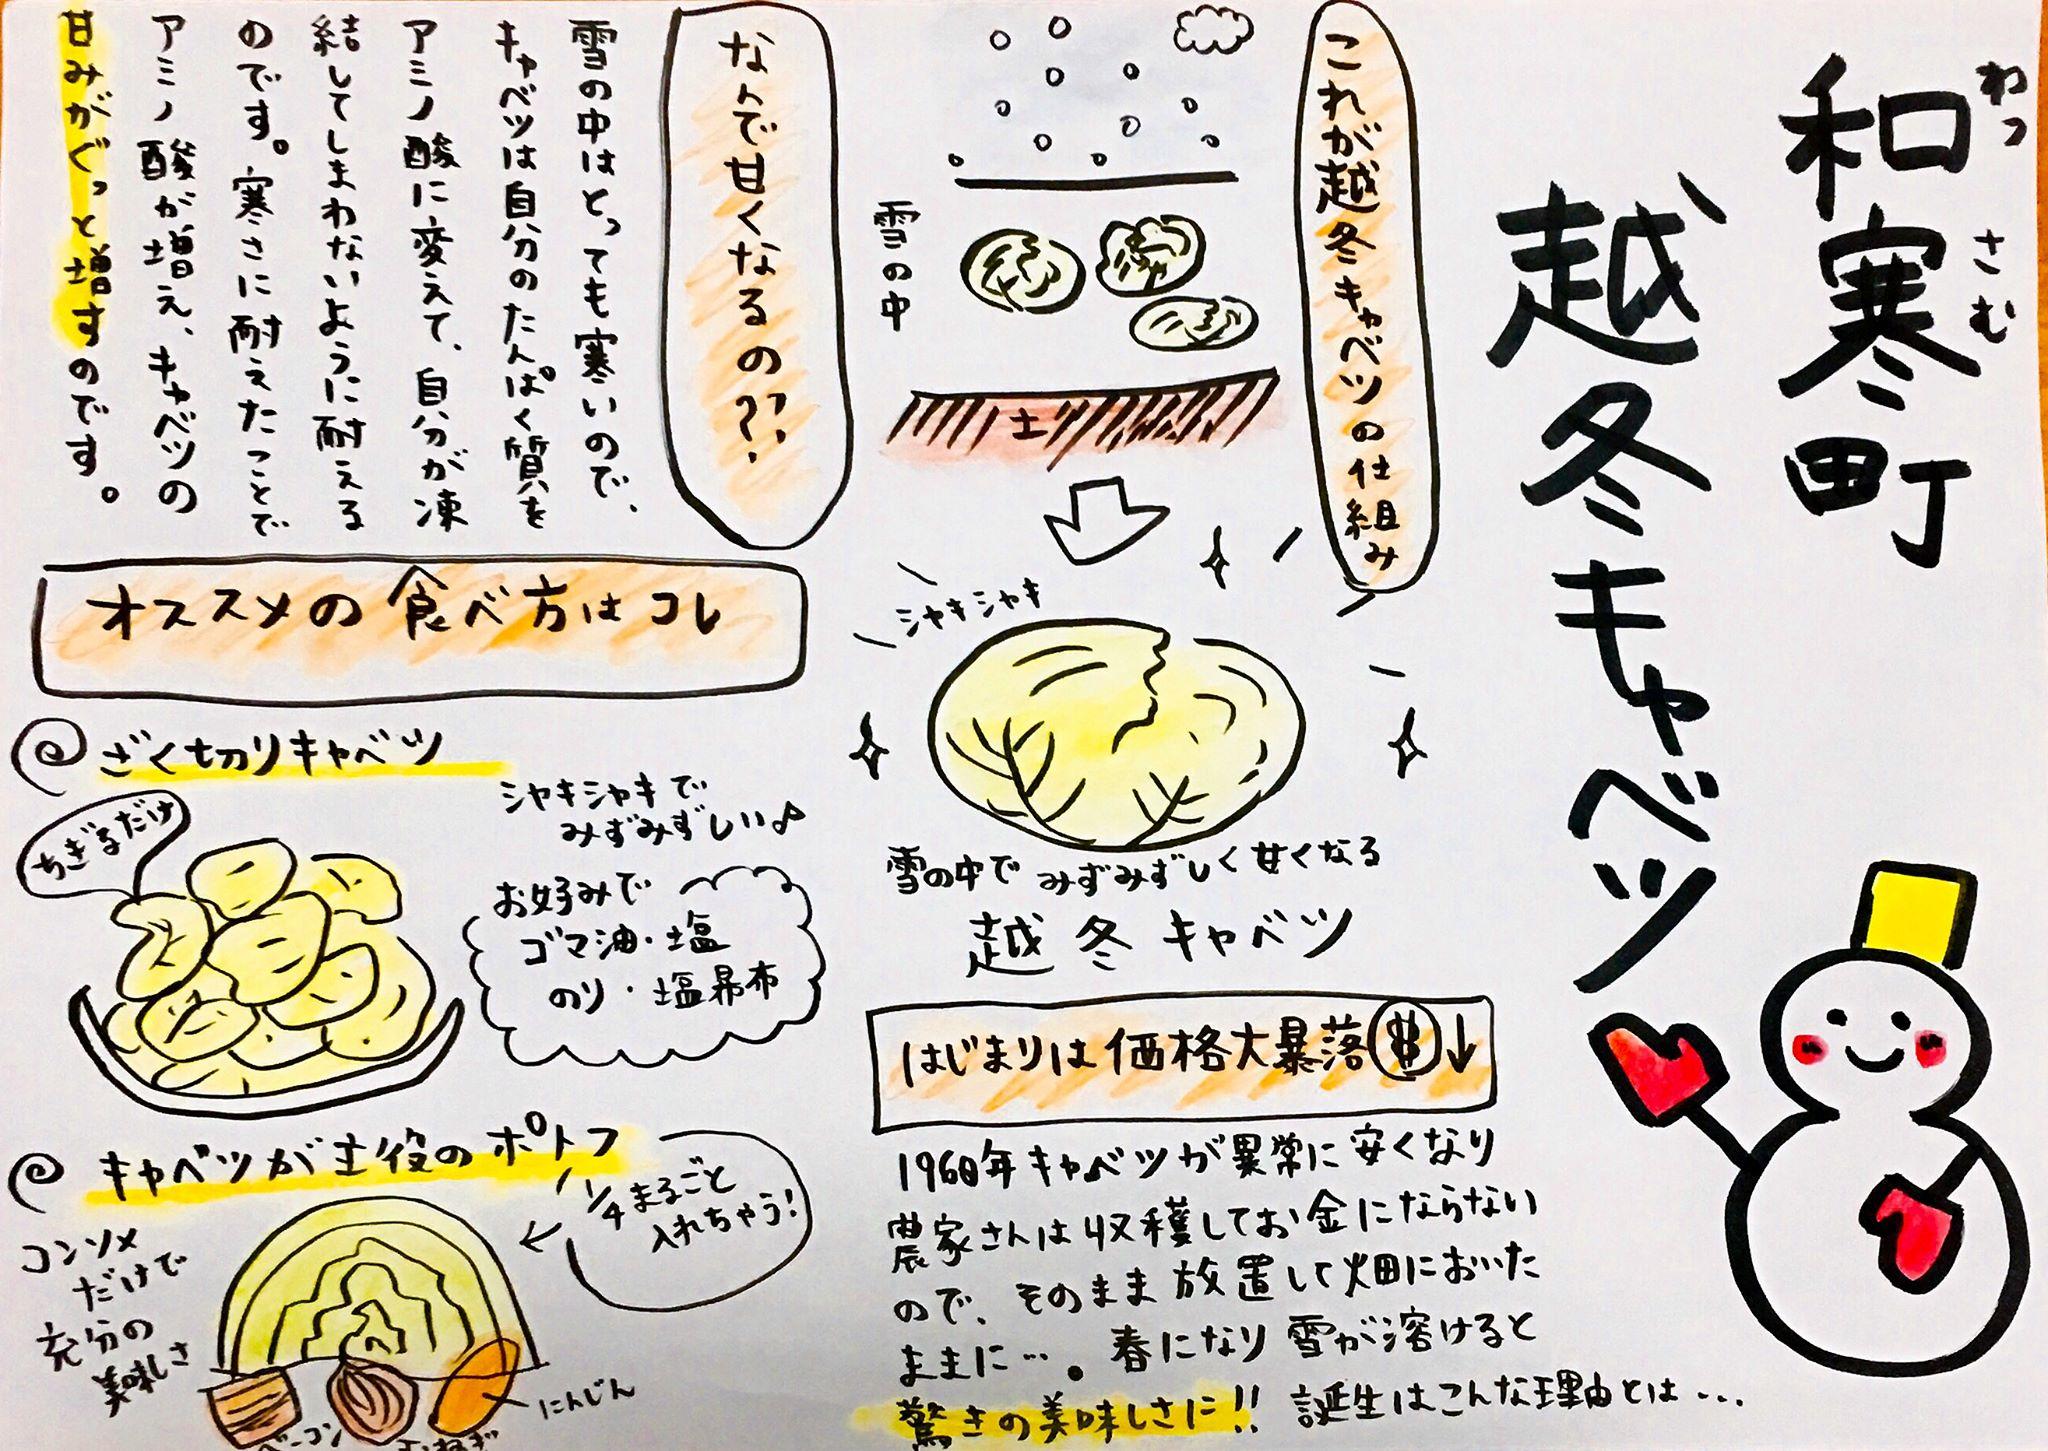 越冬キャベツを美味しくお召し上がりいただくために(保存・食べ方レシピ)